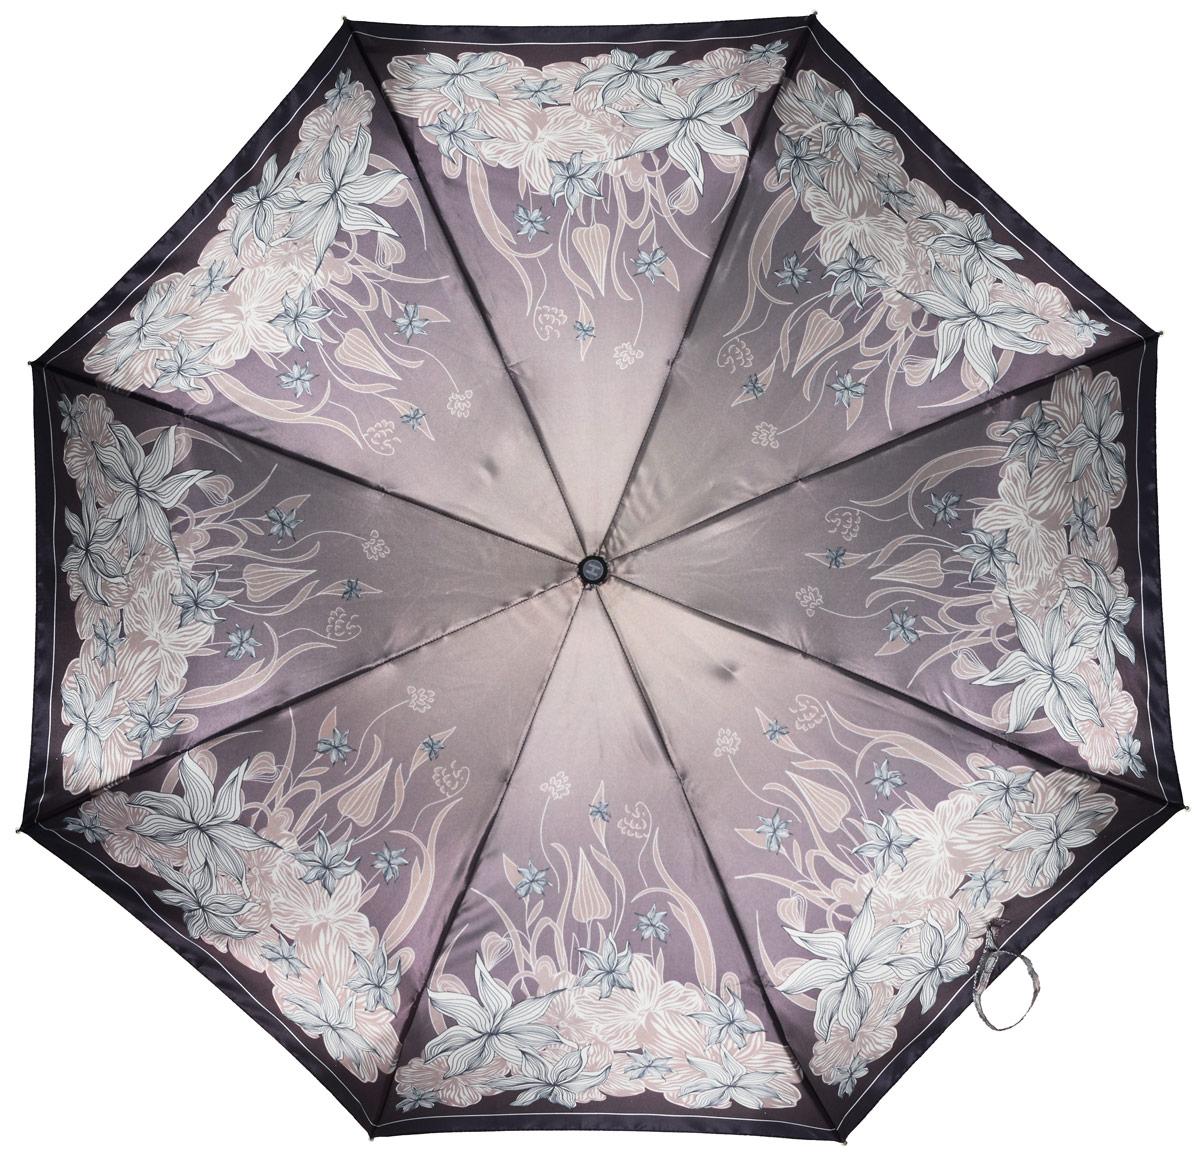 Зонт женский Henry Backer, 3 сложения, цвет: бежевый. U23204 Crown daisyU23204 Crown daisyЭлегантный женский зонт «Хризантемы» с сатиновым куполом, автомат У зонта комфортная для ладони рукоять из нескользящего материала с насечками под пальцы, чтобы зонт было удобно удерживать при порывах ветра.